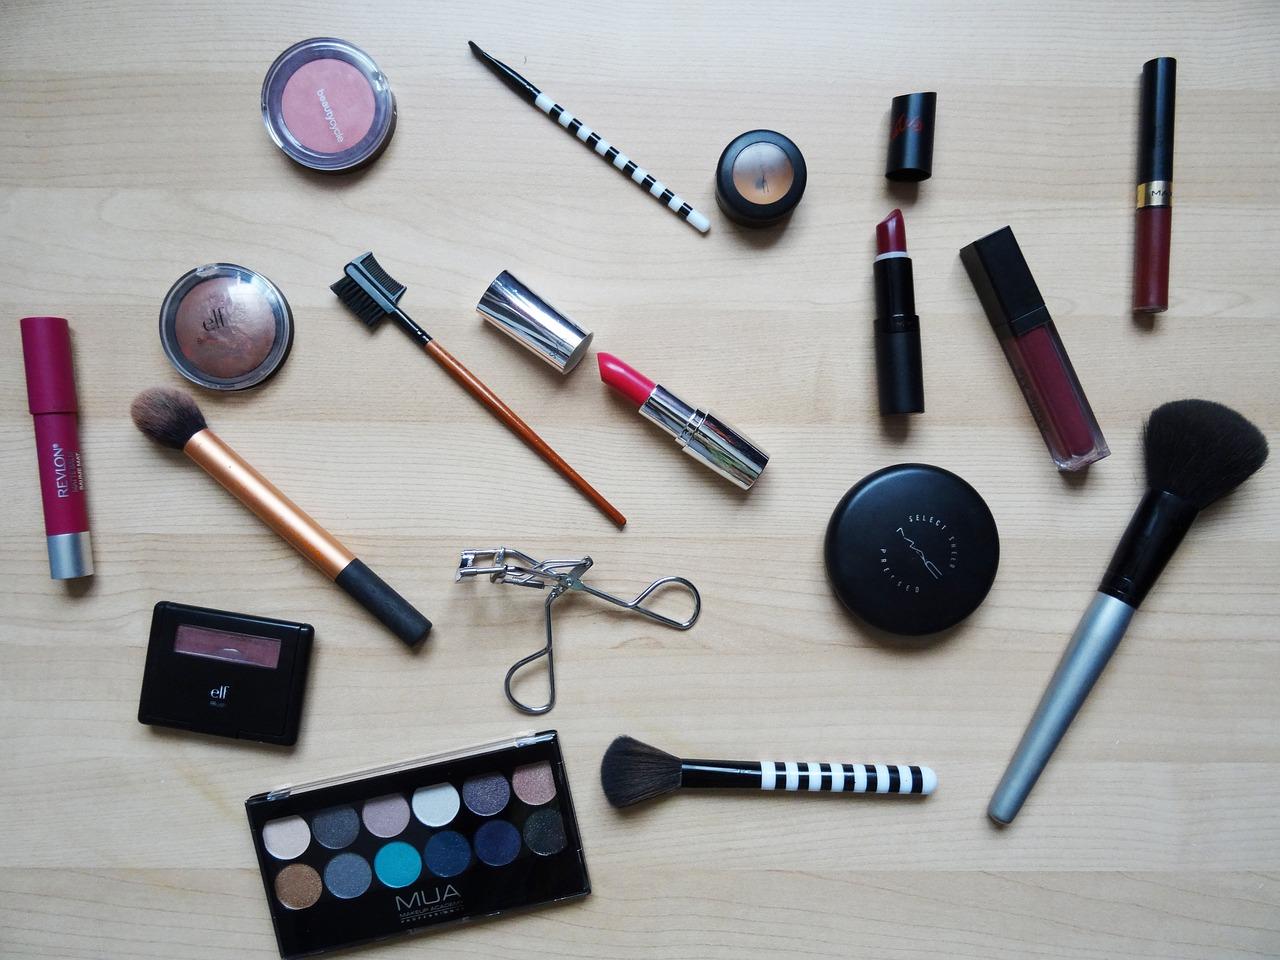 Des produits cosmétiques dangereux récemment retirés de la circulation